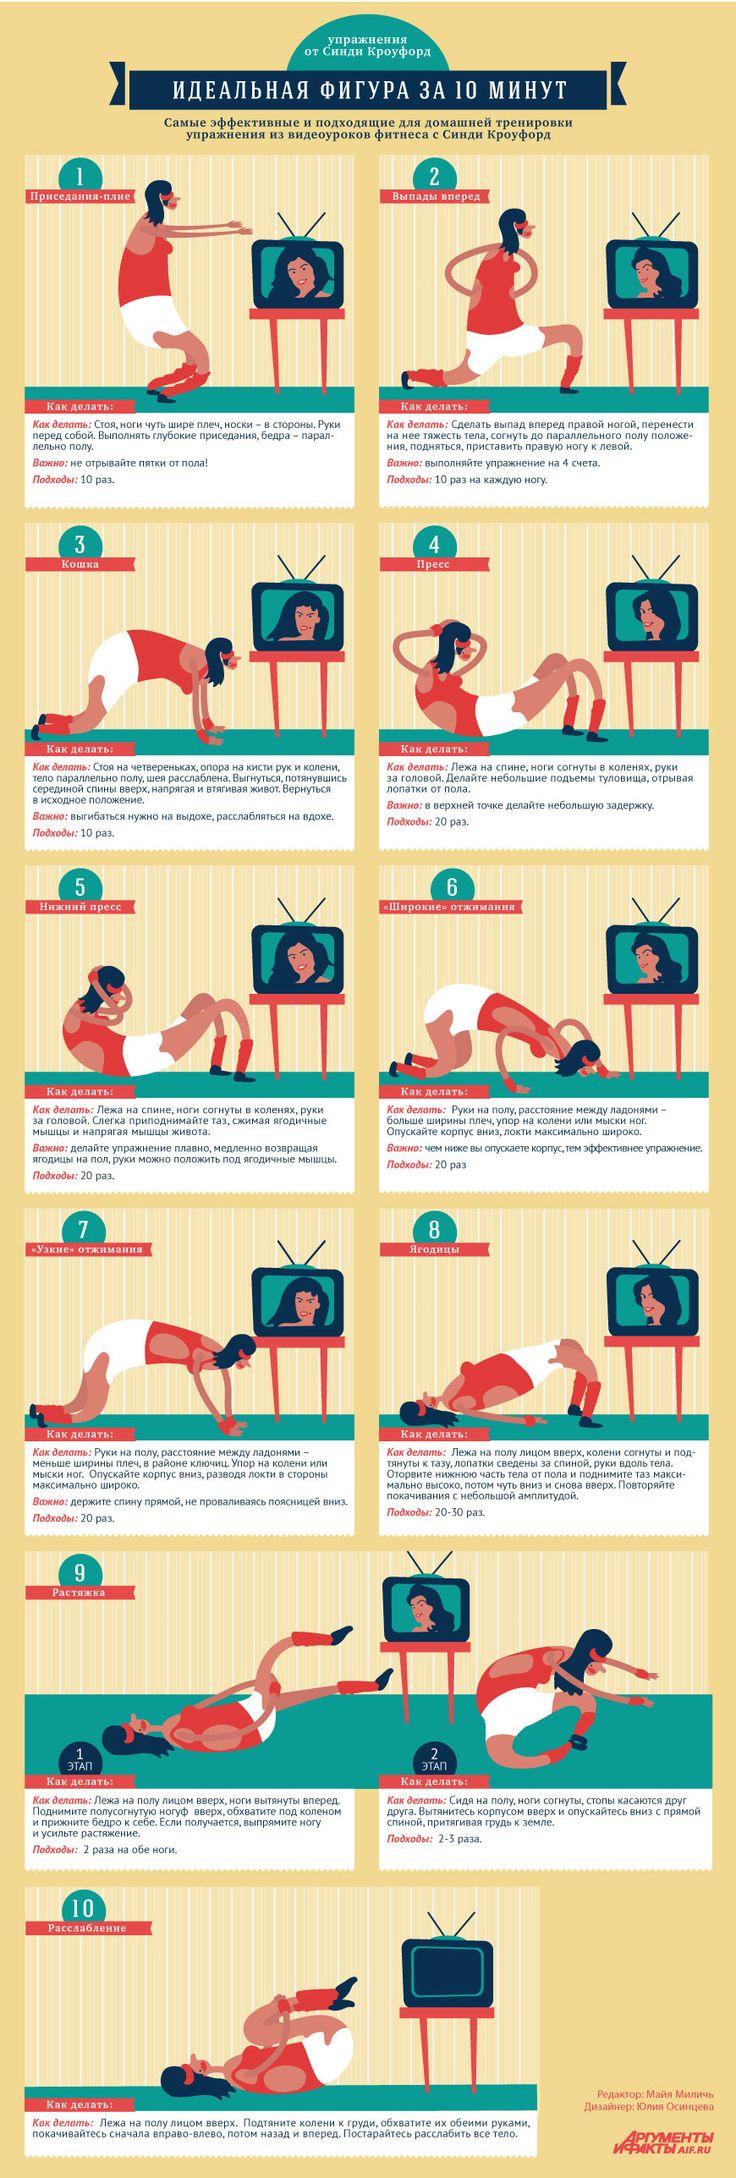 20 февраля родилась супермодель и актриса — Синди Кроуфорд. Именно она сделала популярными фитнес в домашних условиях и самостоятельные тренировки, что помогло многим женщинам сделать фигуру стройнее, а тело более подтянутым.